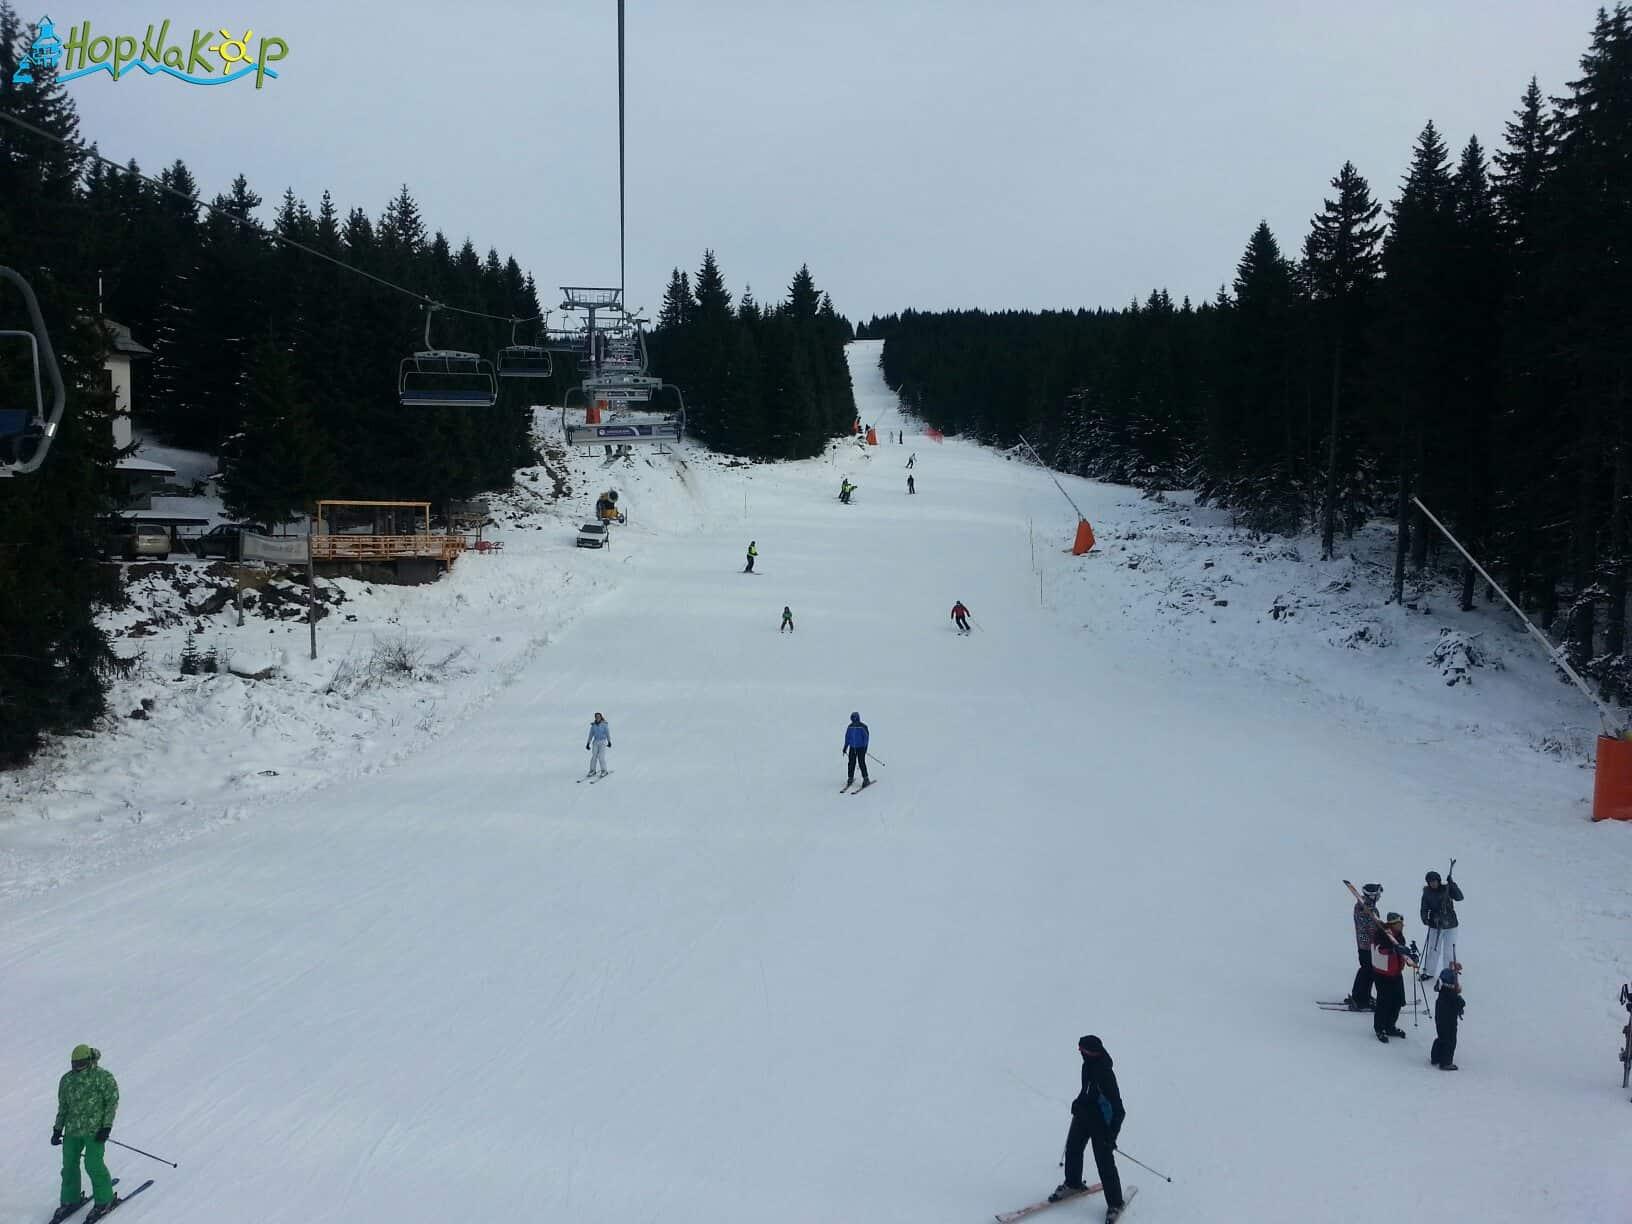 Od sutra rade 9 staza i 6 žičara: U ski centru Kopaoniku će od sutra raditi 9 staza i 6 žičara. Skijašima i borderima su na usluzi Karaman greben, Pančićev